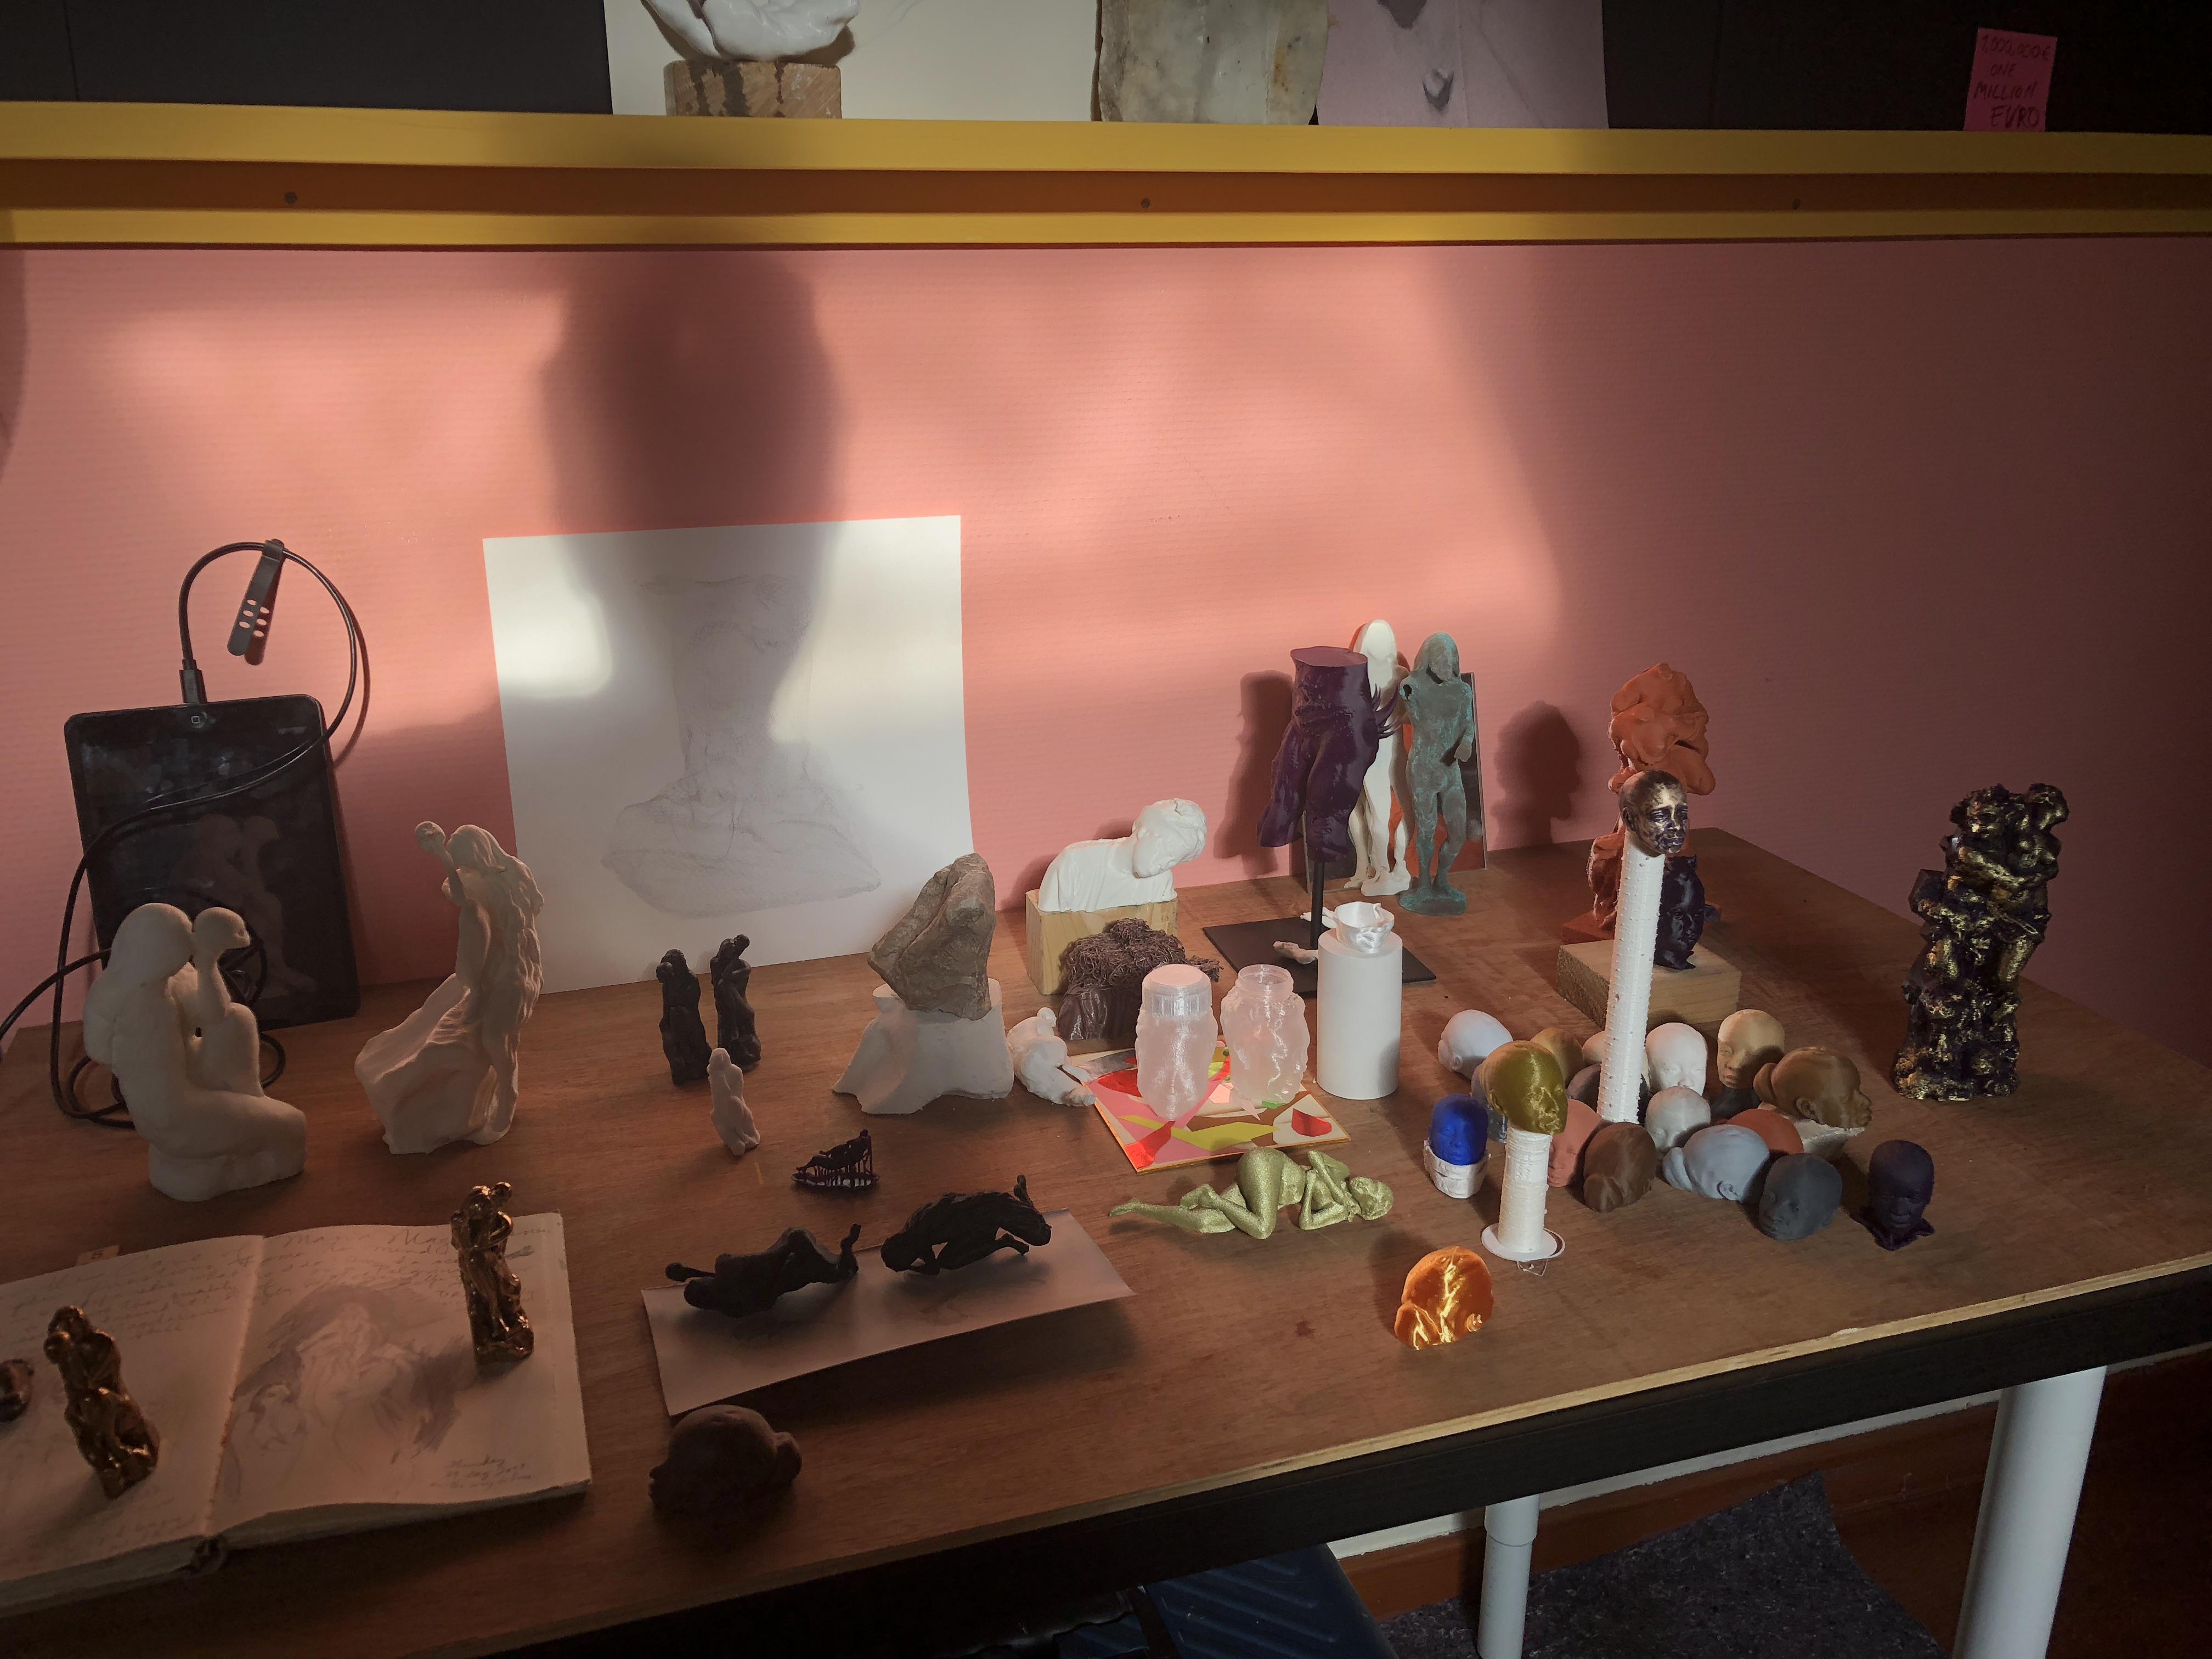 3DPrintStudio